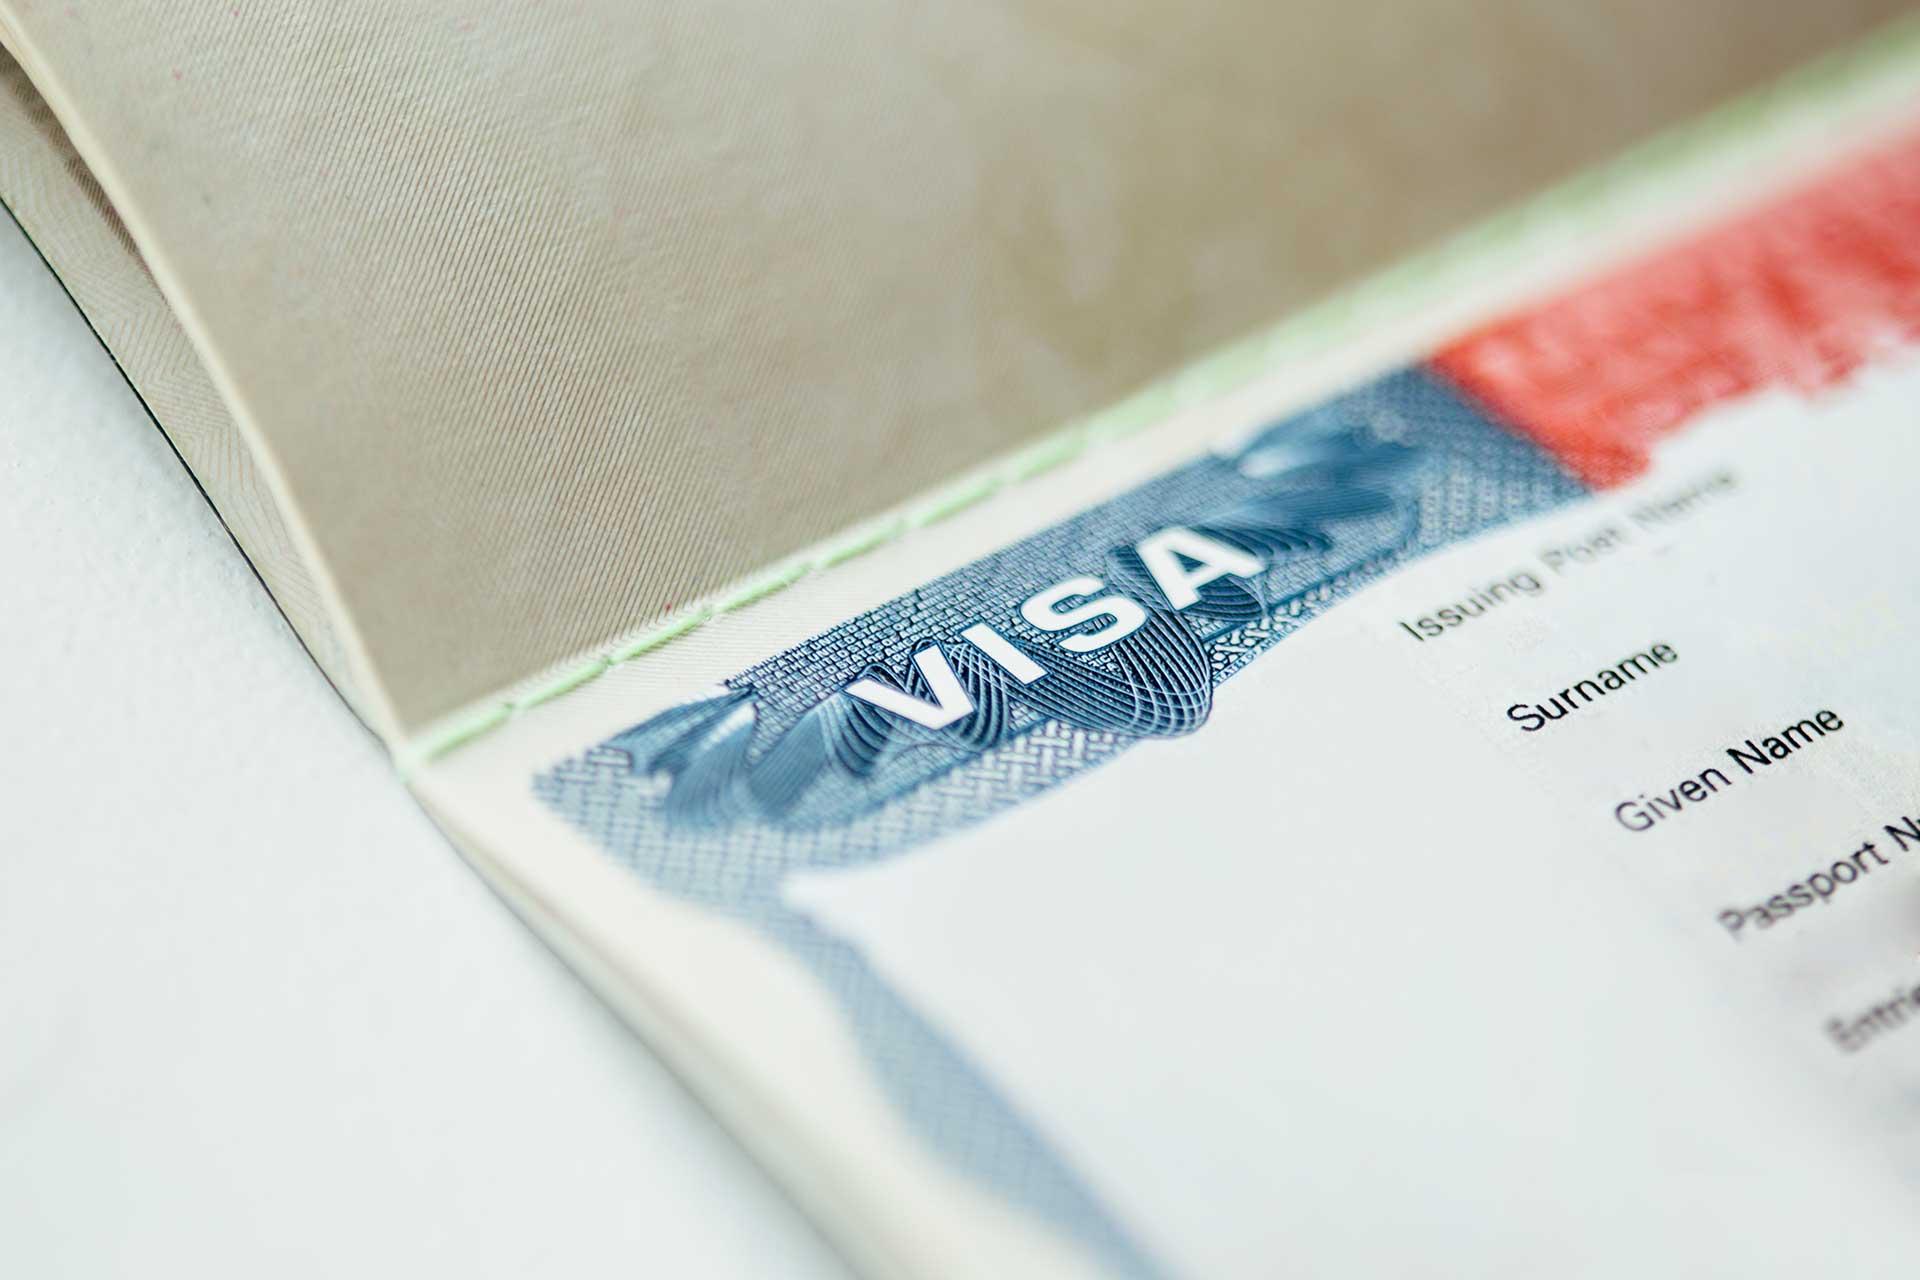 Costos pasaporte y visa